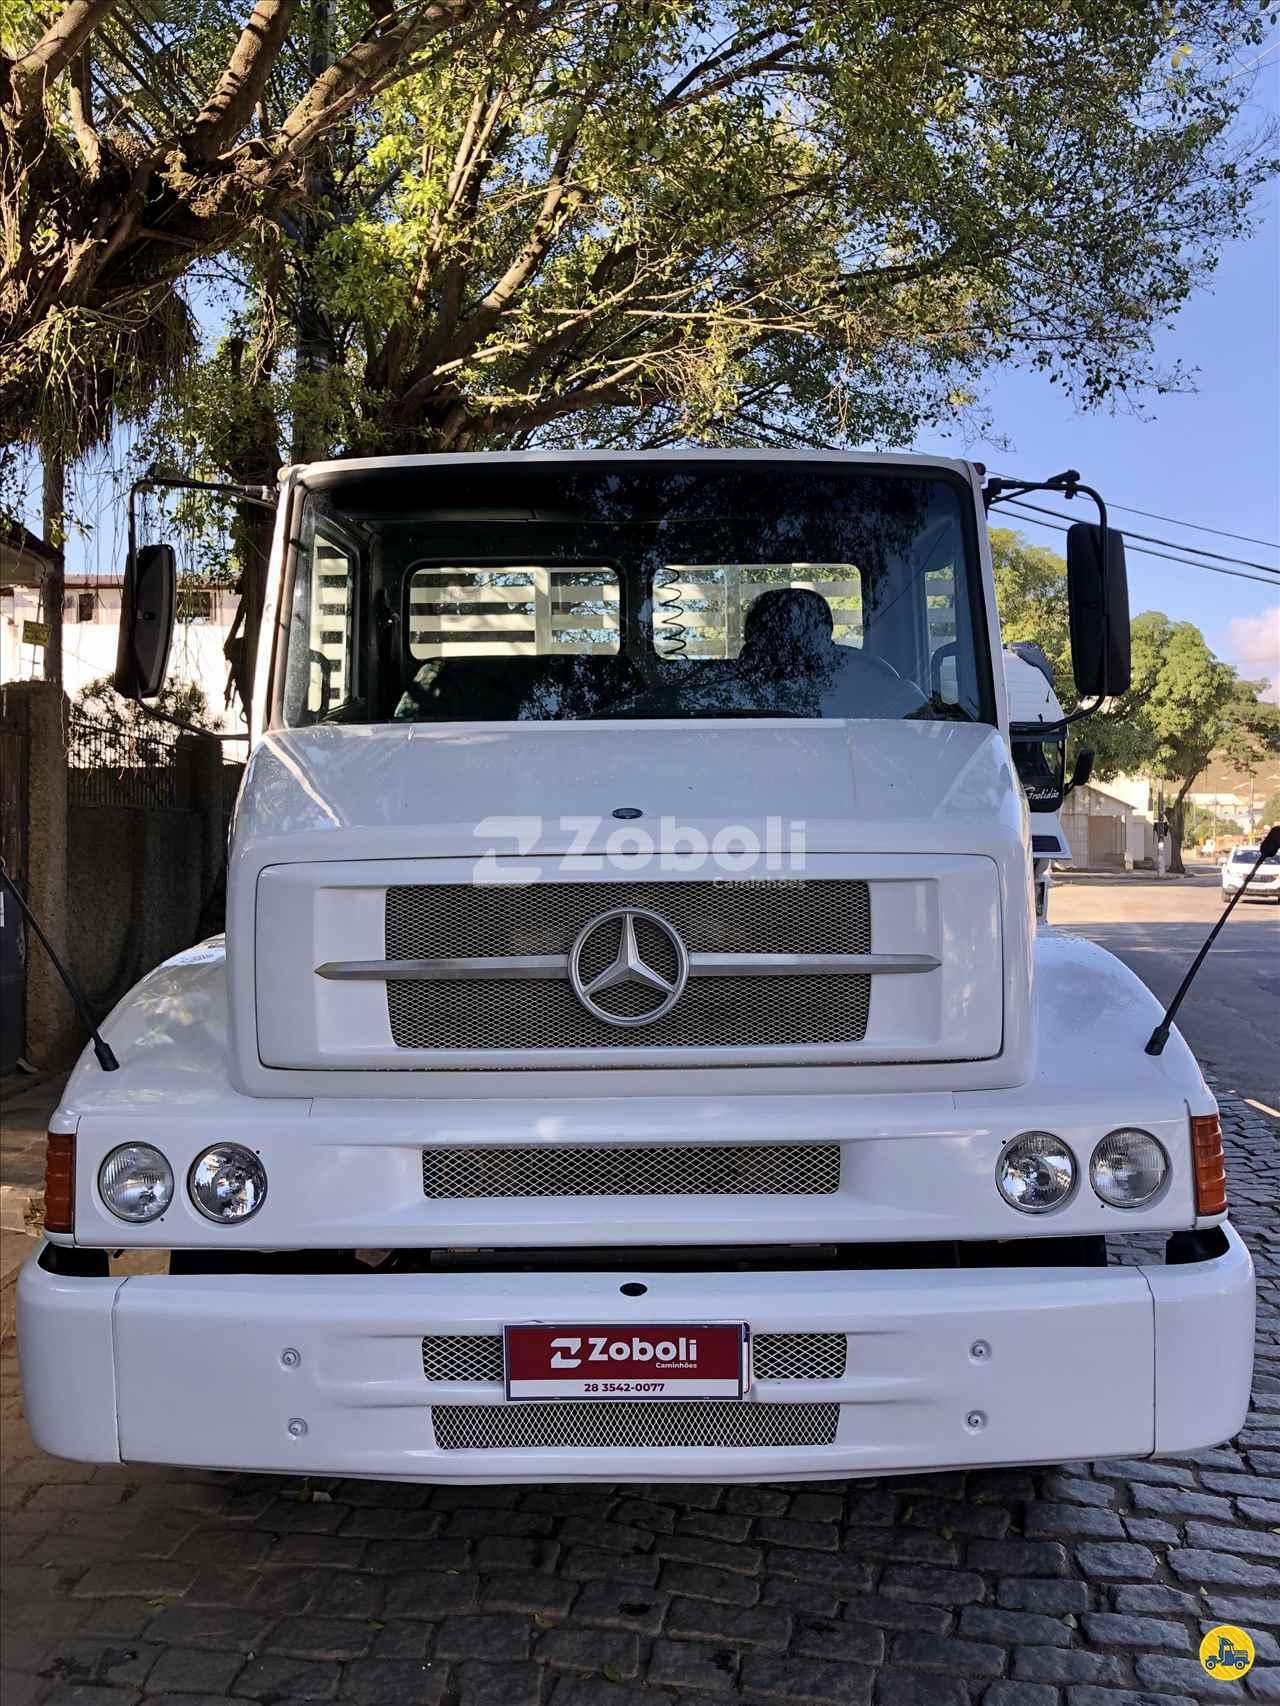 CAMINHAO MERCEDES-BENZ MB 1620 Carroceria Cabine Suplementar Truck 6x2 Zoboli Caminhões CASTELO ESPÍRITO SANTO ES